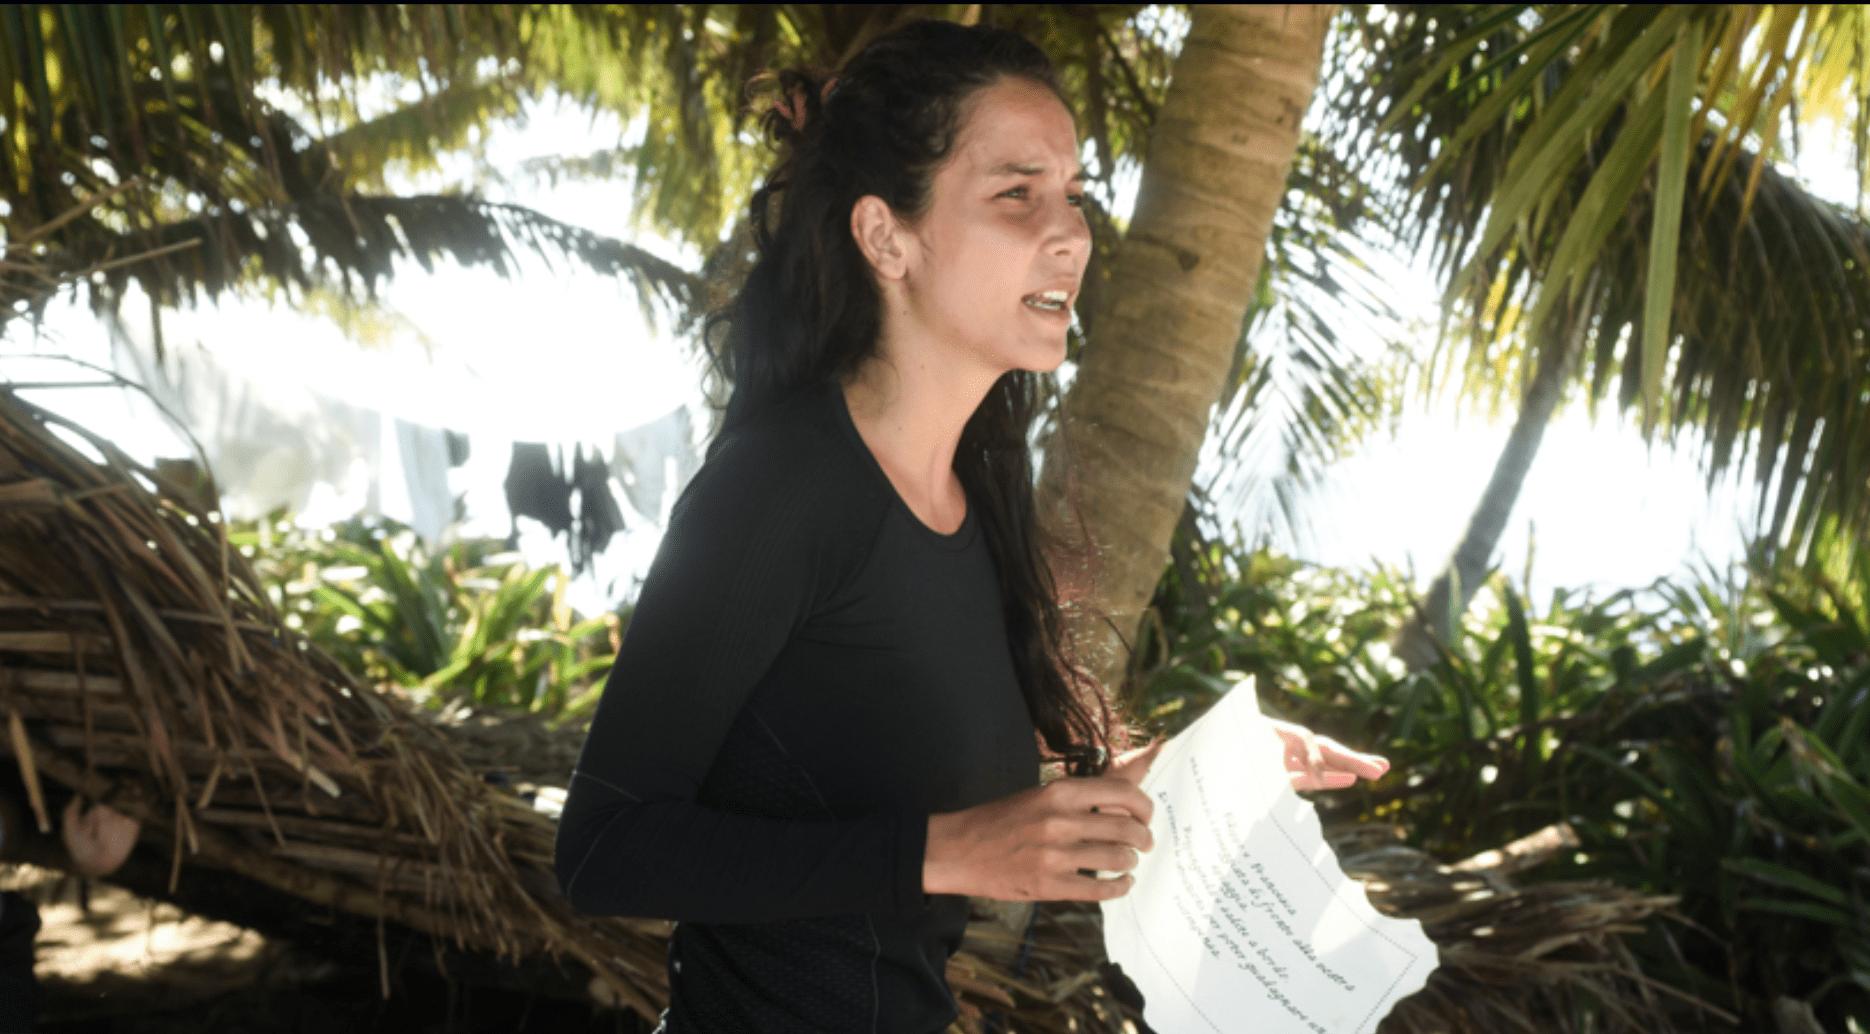 L'Isola dei famosi 13, Paola Di Benedetto furiosa contro Cecilia Capriotti: 'E' una falsa'